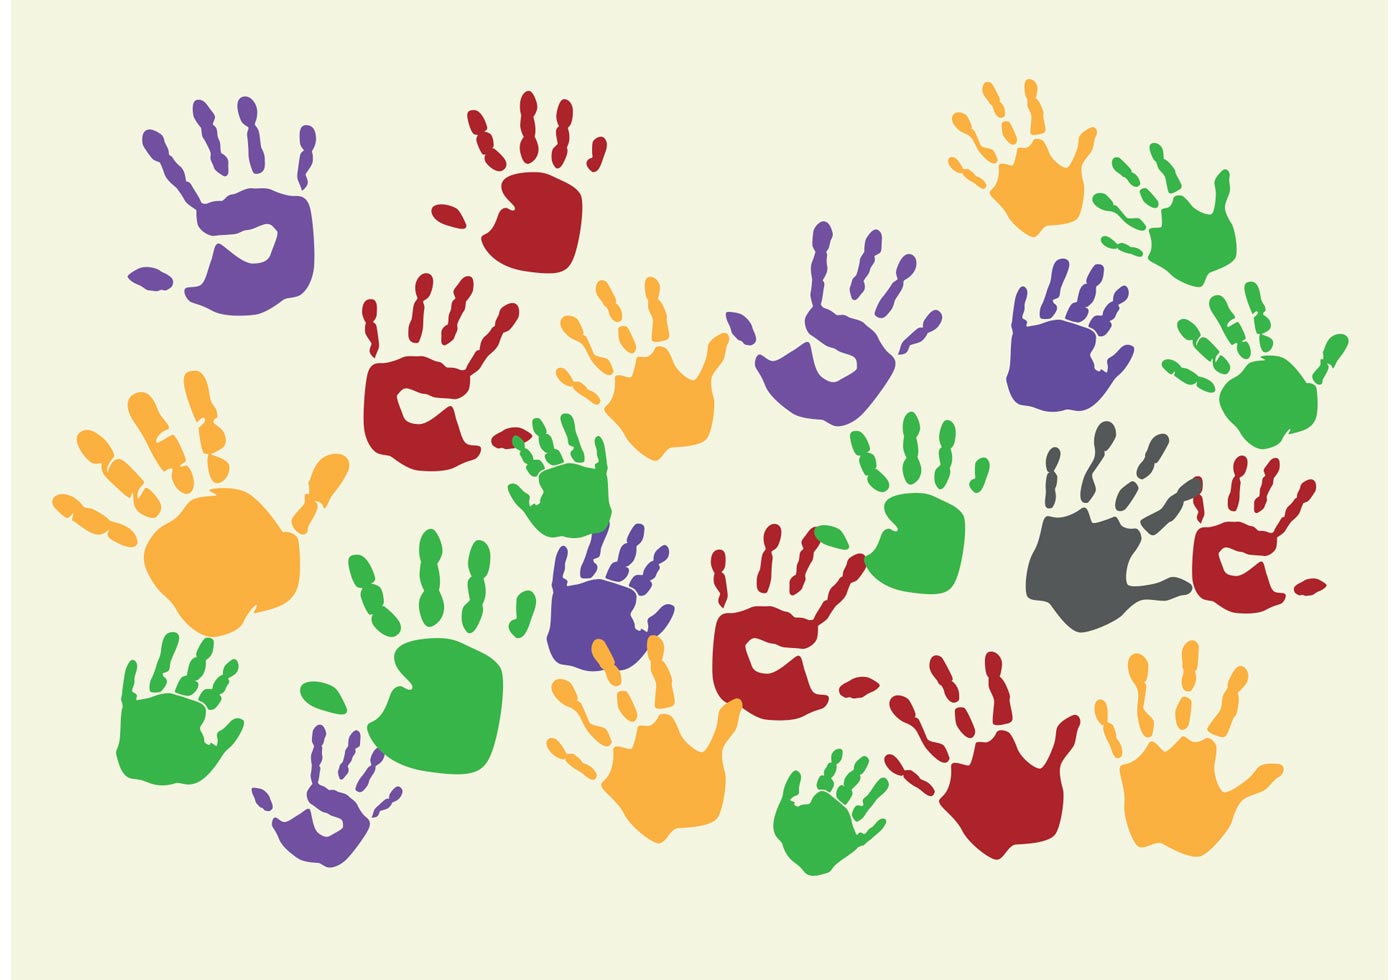 ругают разноцветные ладошки картинки матовое покрытие, которое